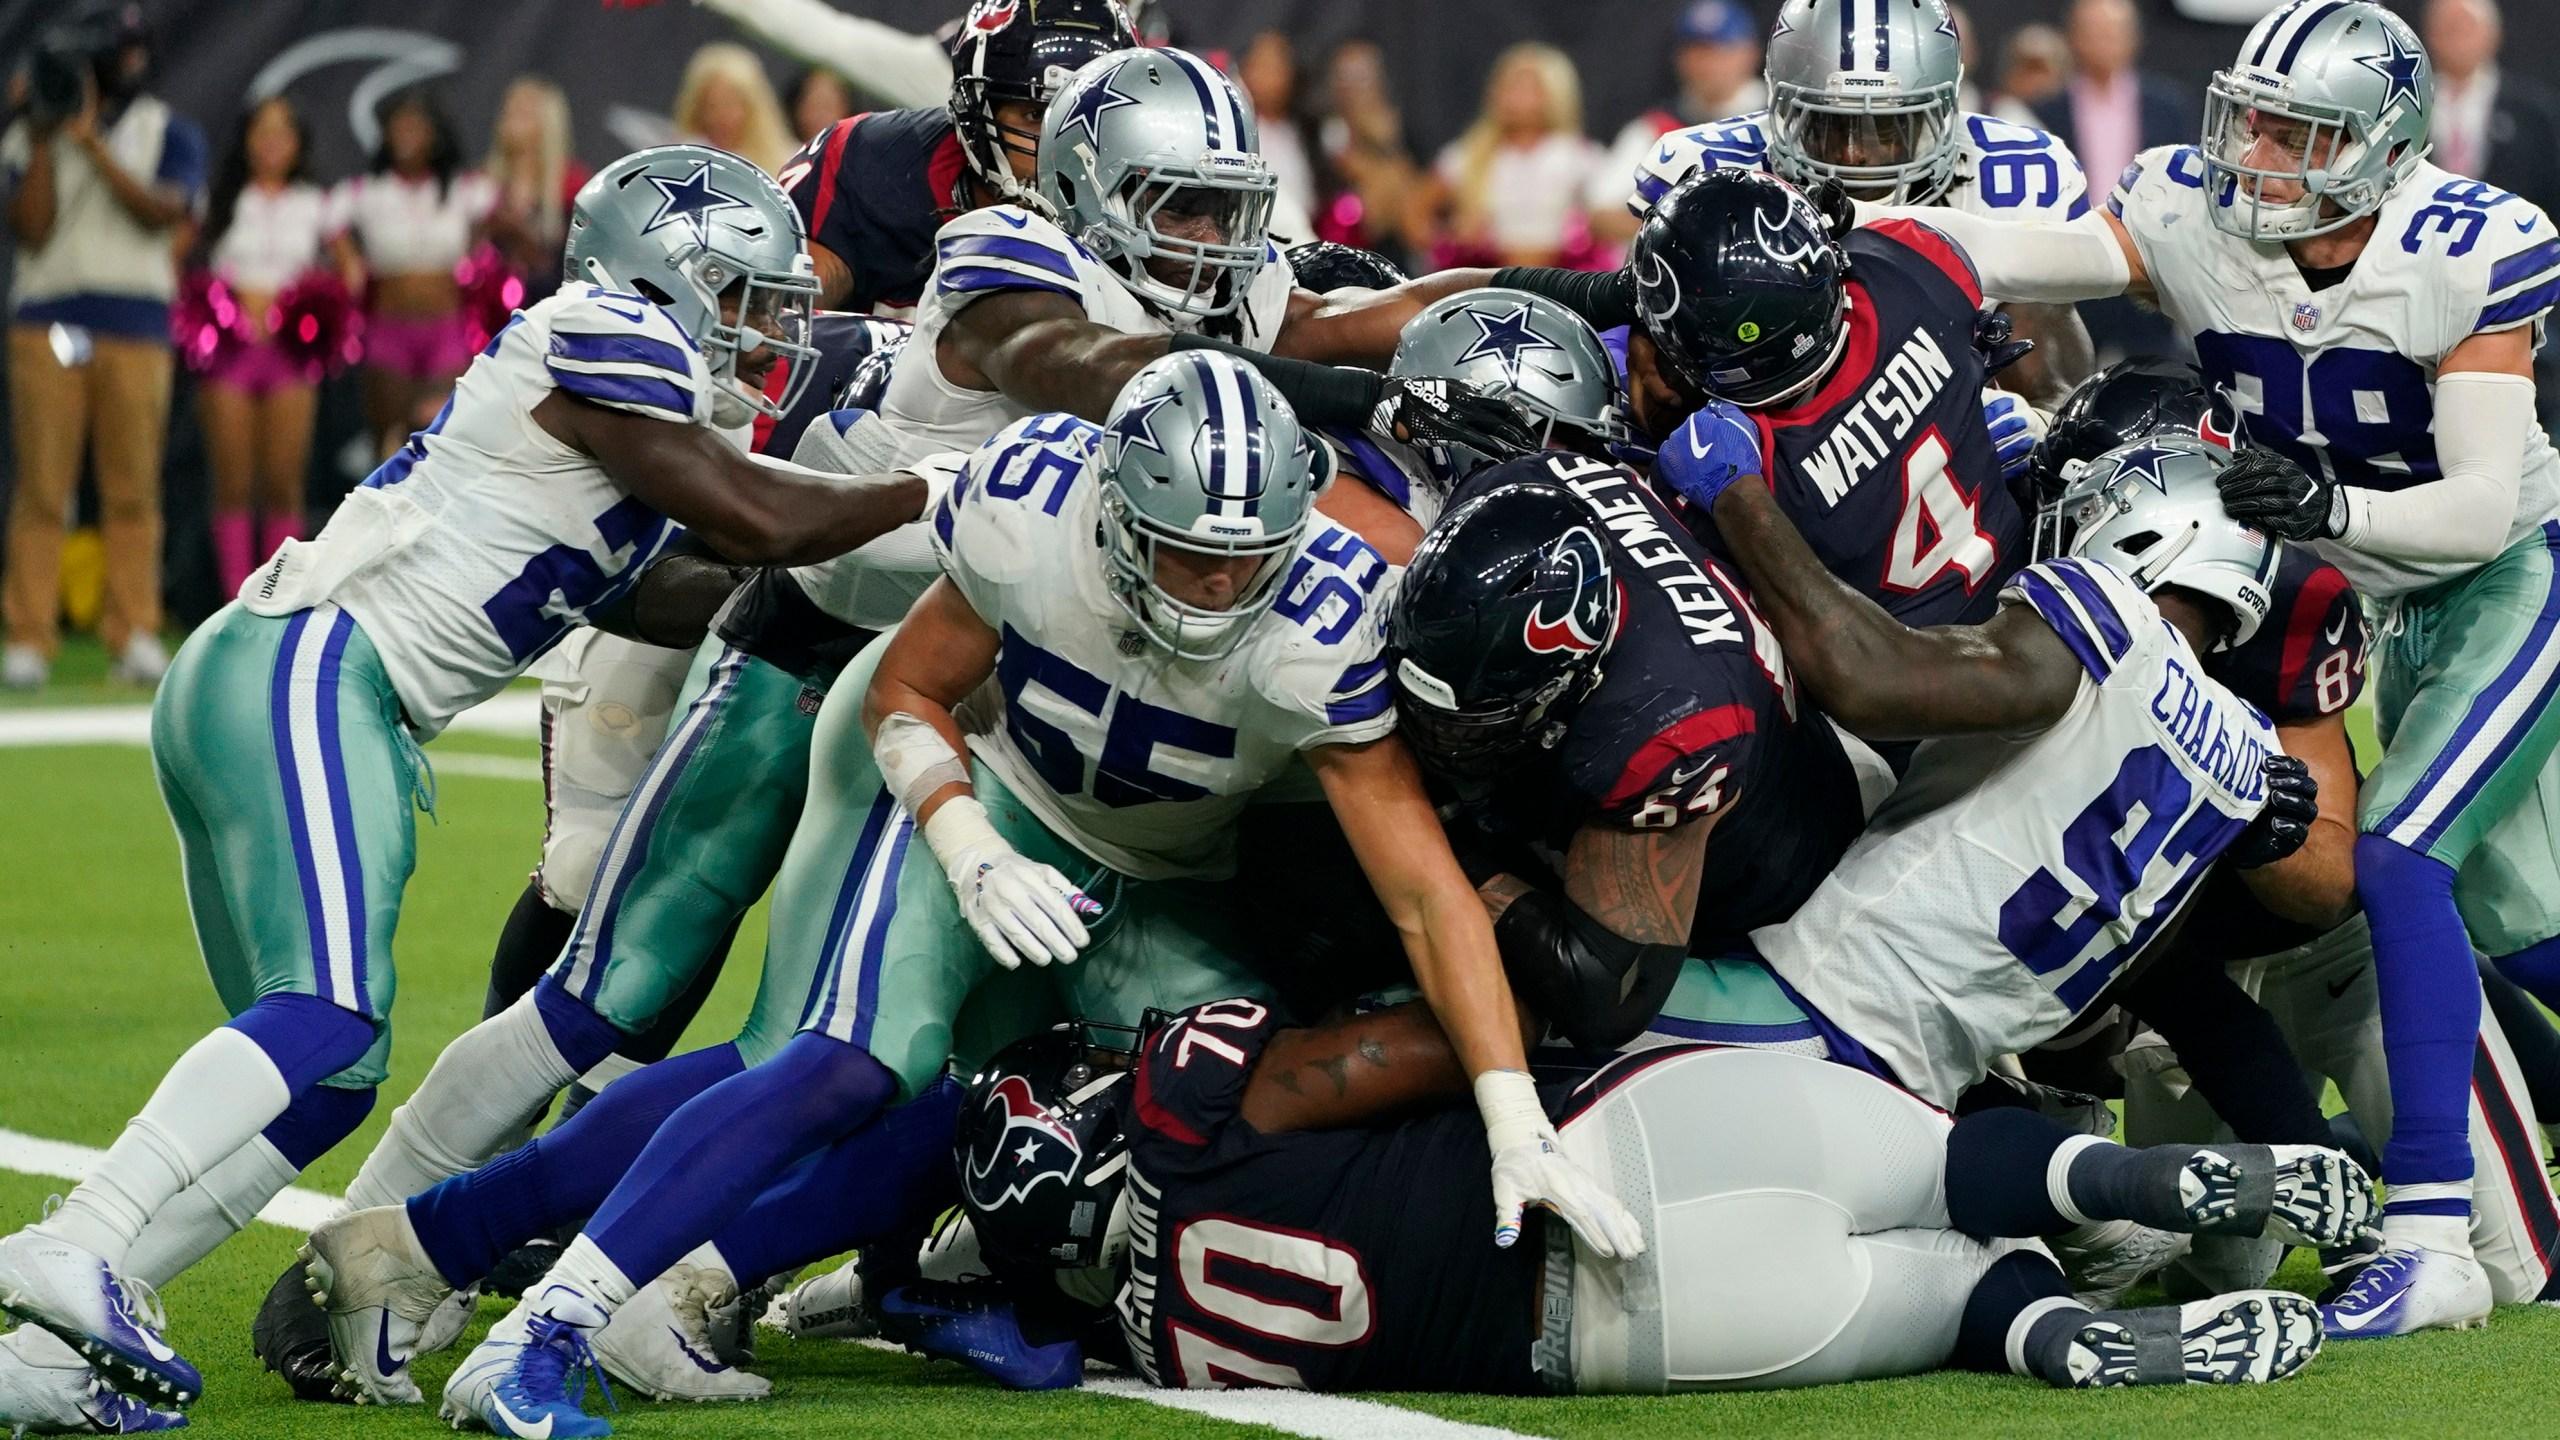 Cowboys_Texans_Football_54925-159532.jpg79612052